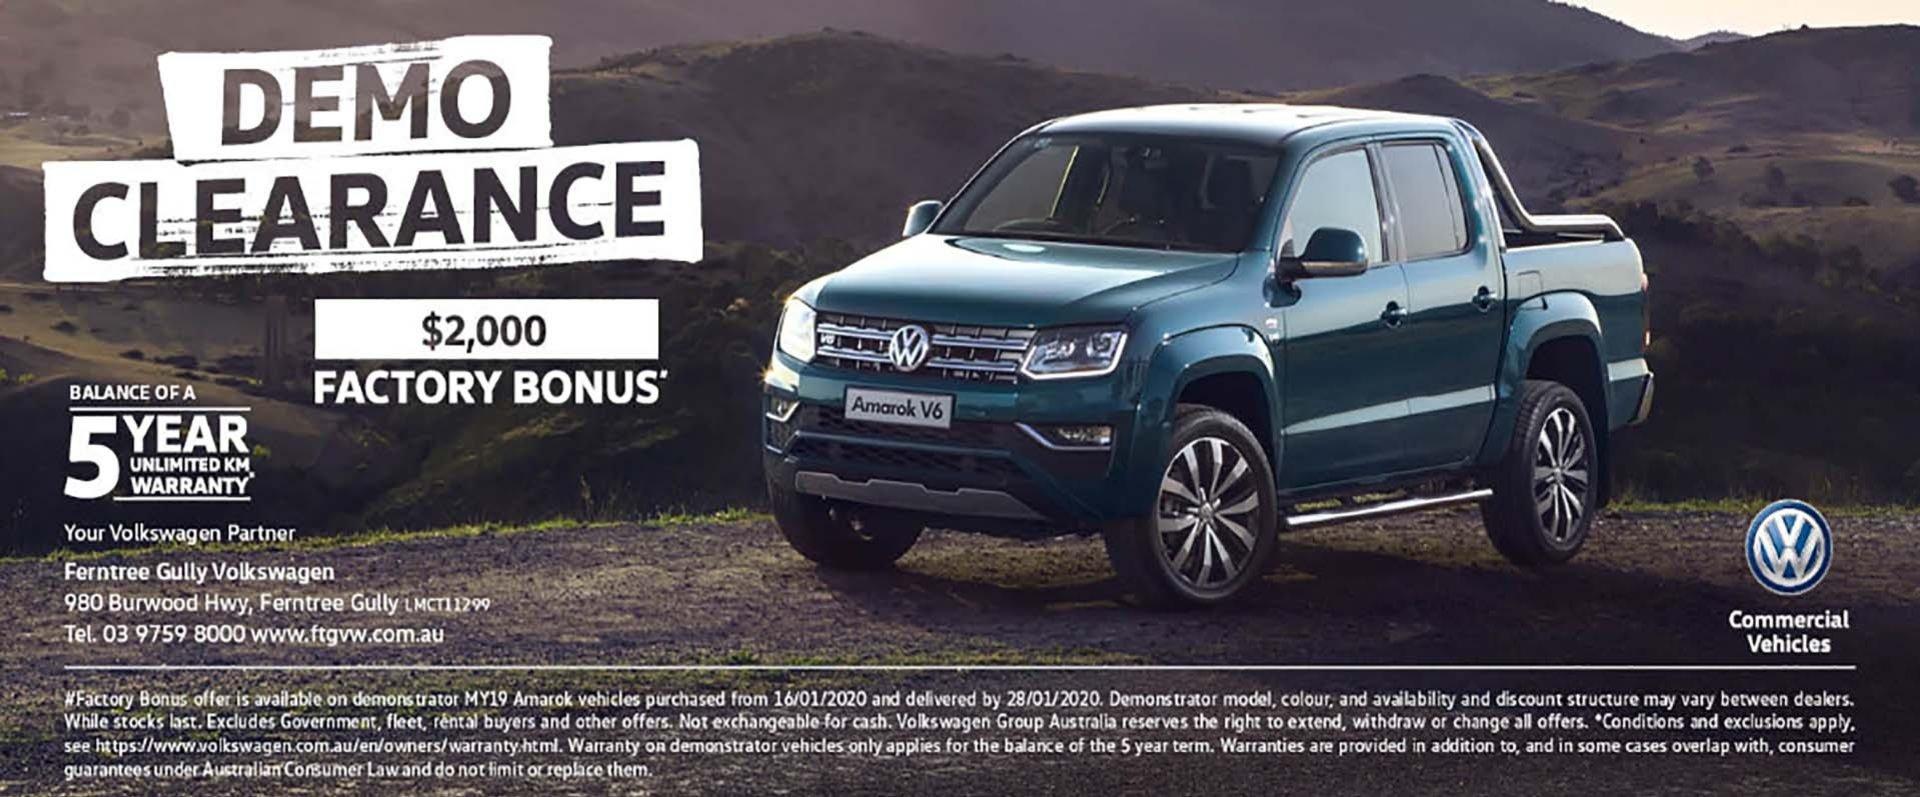 Ferntree Gully Volkswagen - Amarok Demo Clearance